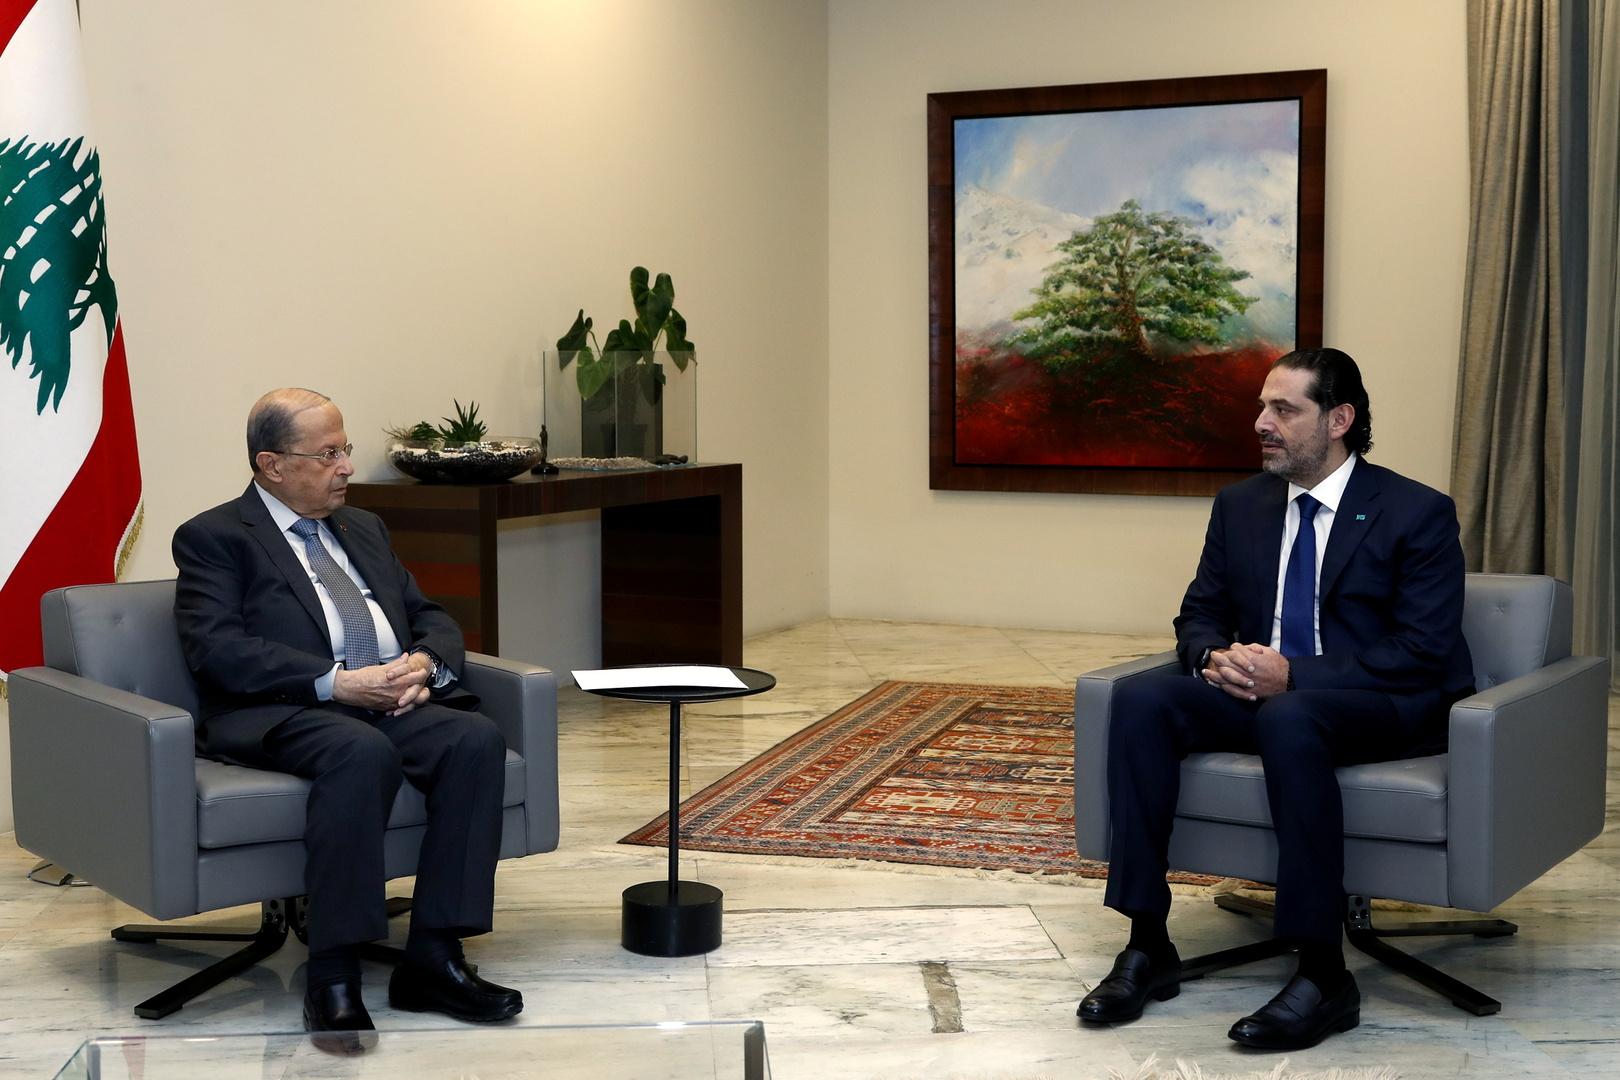 الرئيس اللبناني يصف الحريري بـ